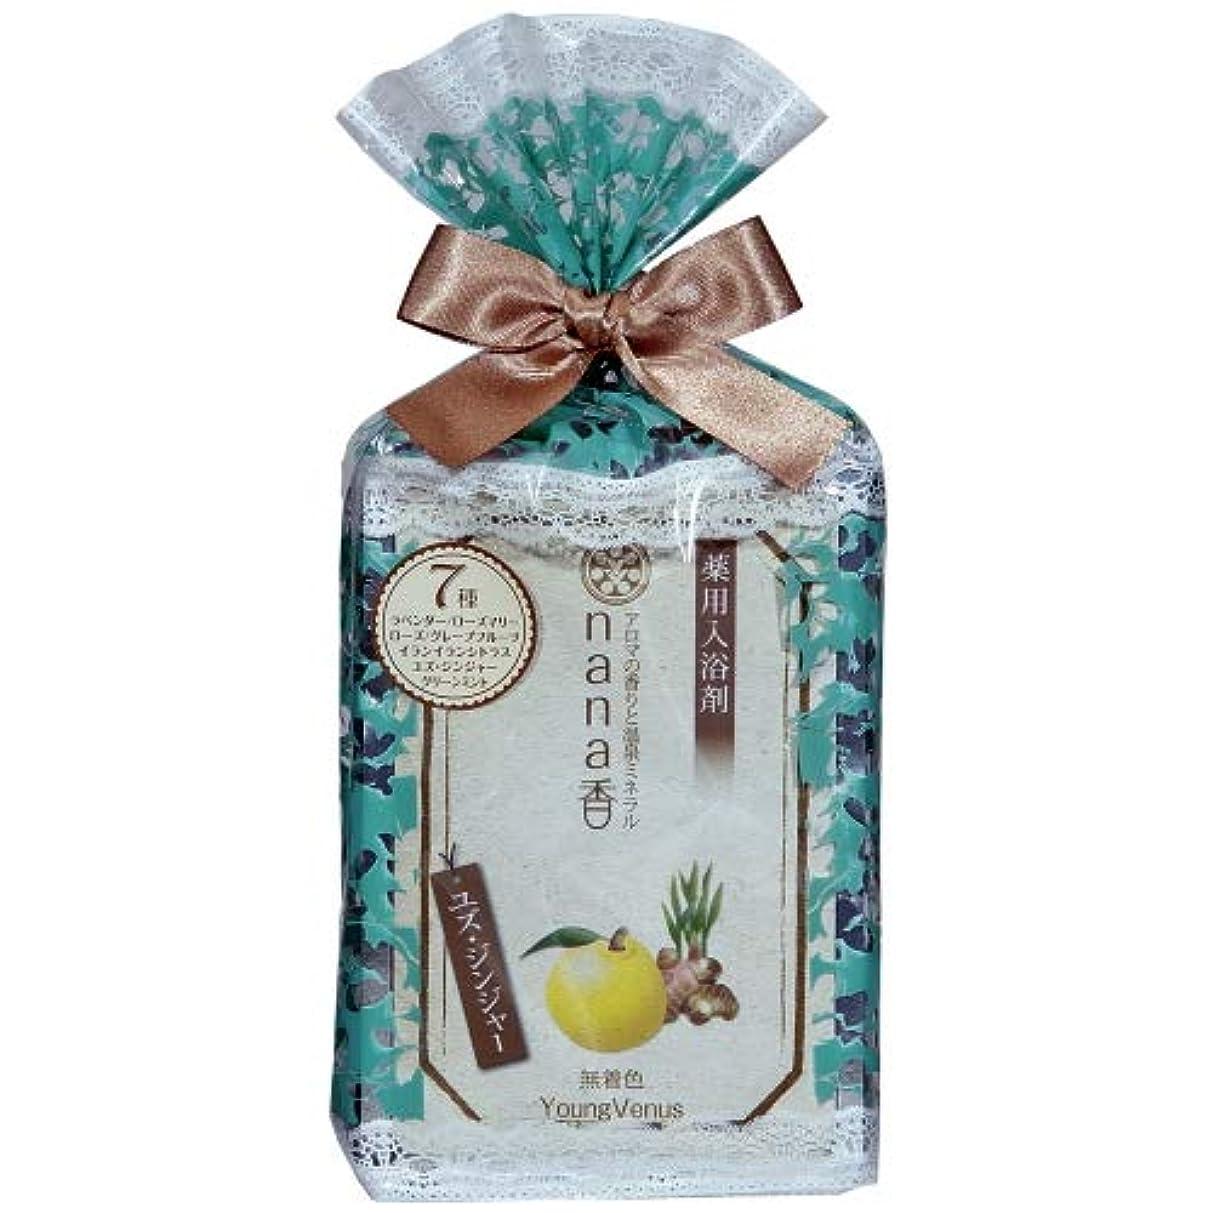 厚さスラム四薬用入浴剤 ヤングビーナス nana香シリーズ詰合せ 7袋入り 医薬部外品